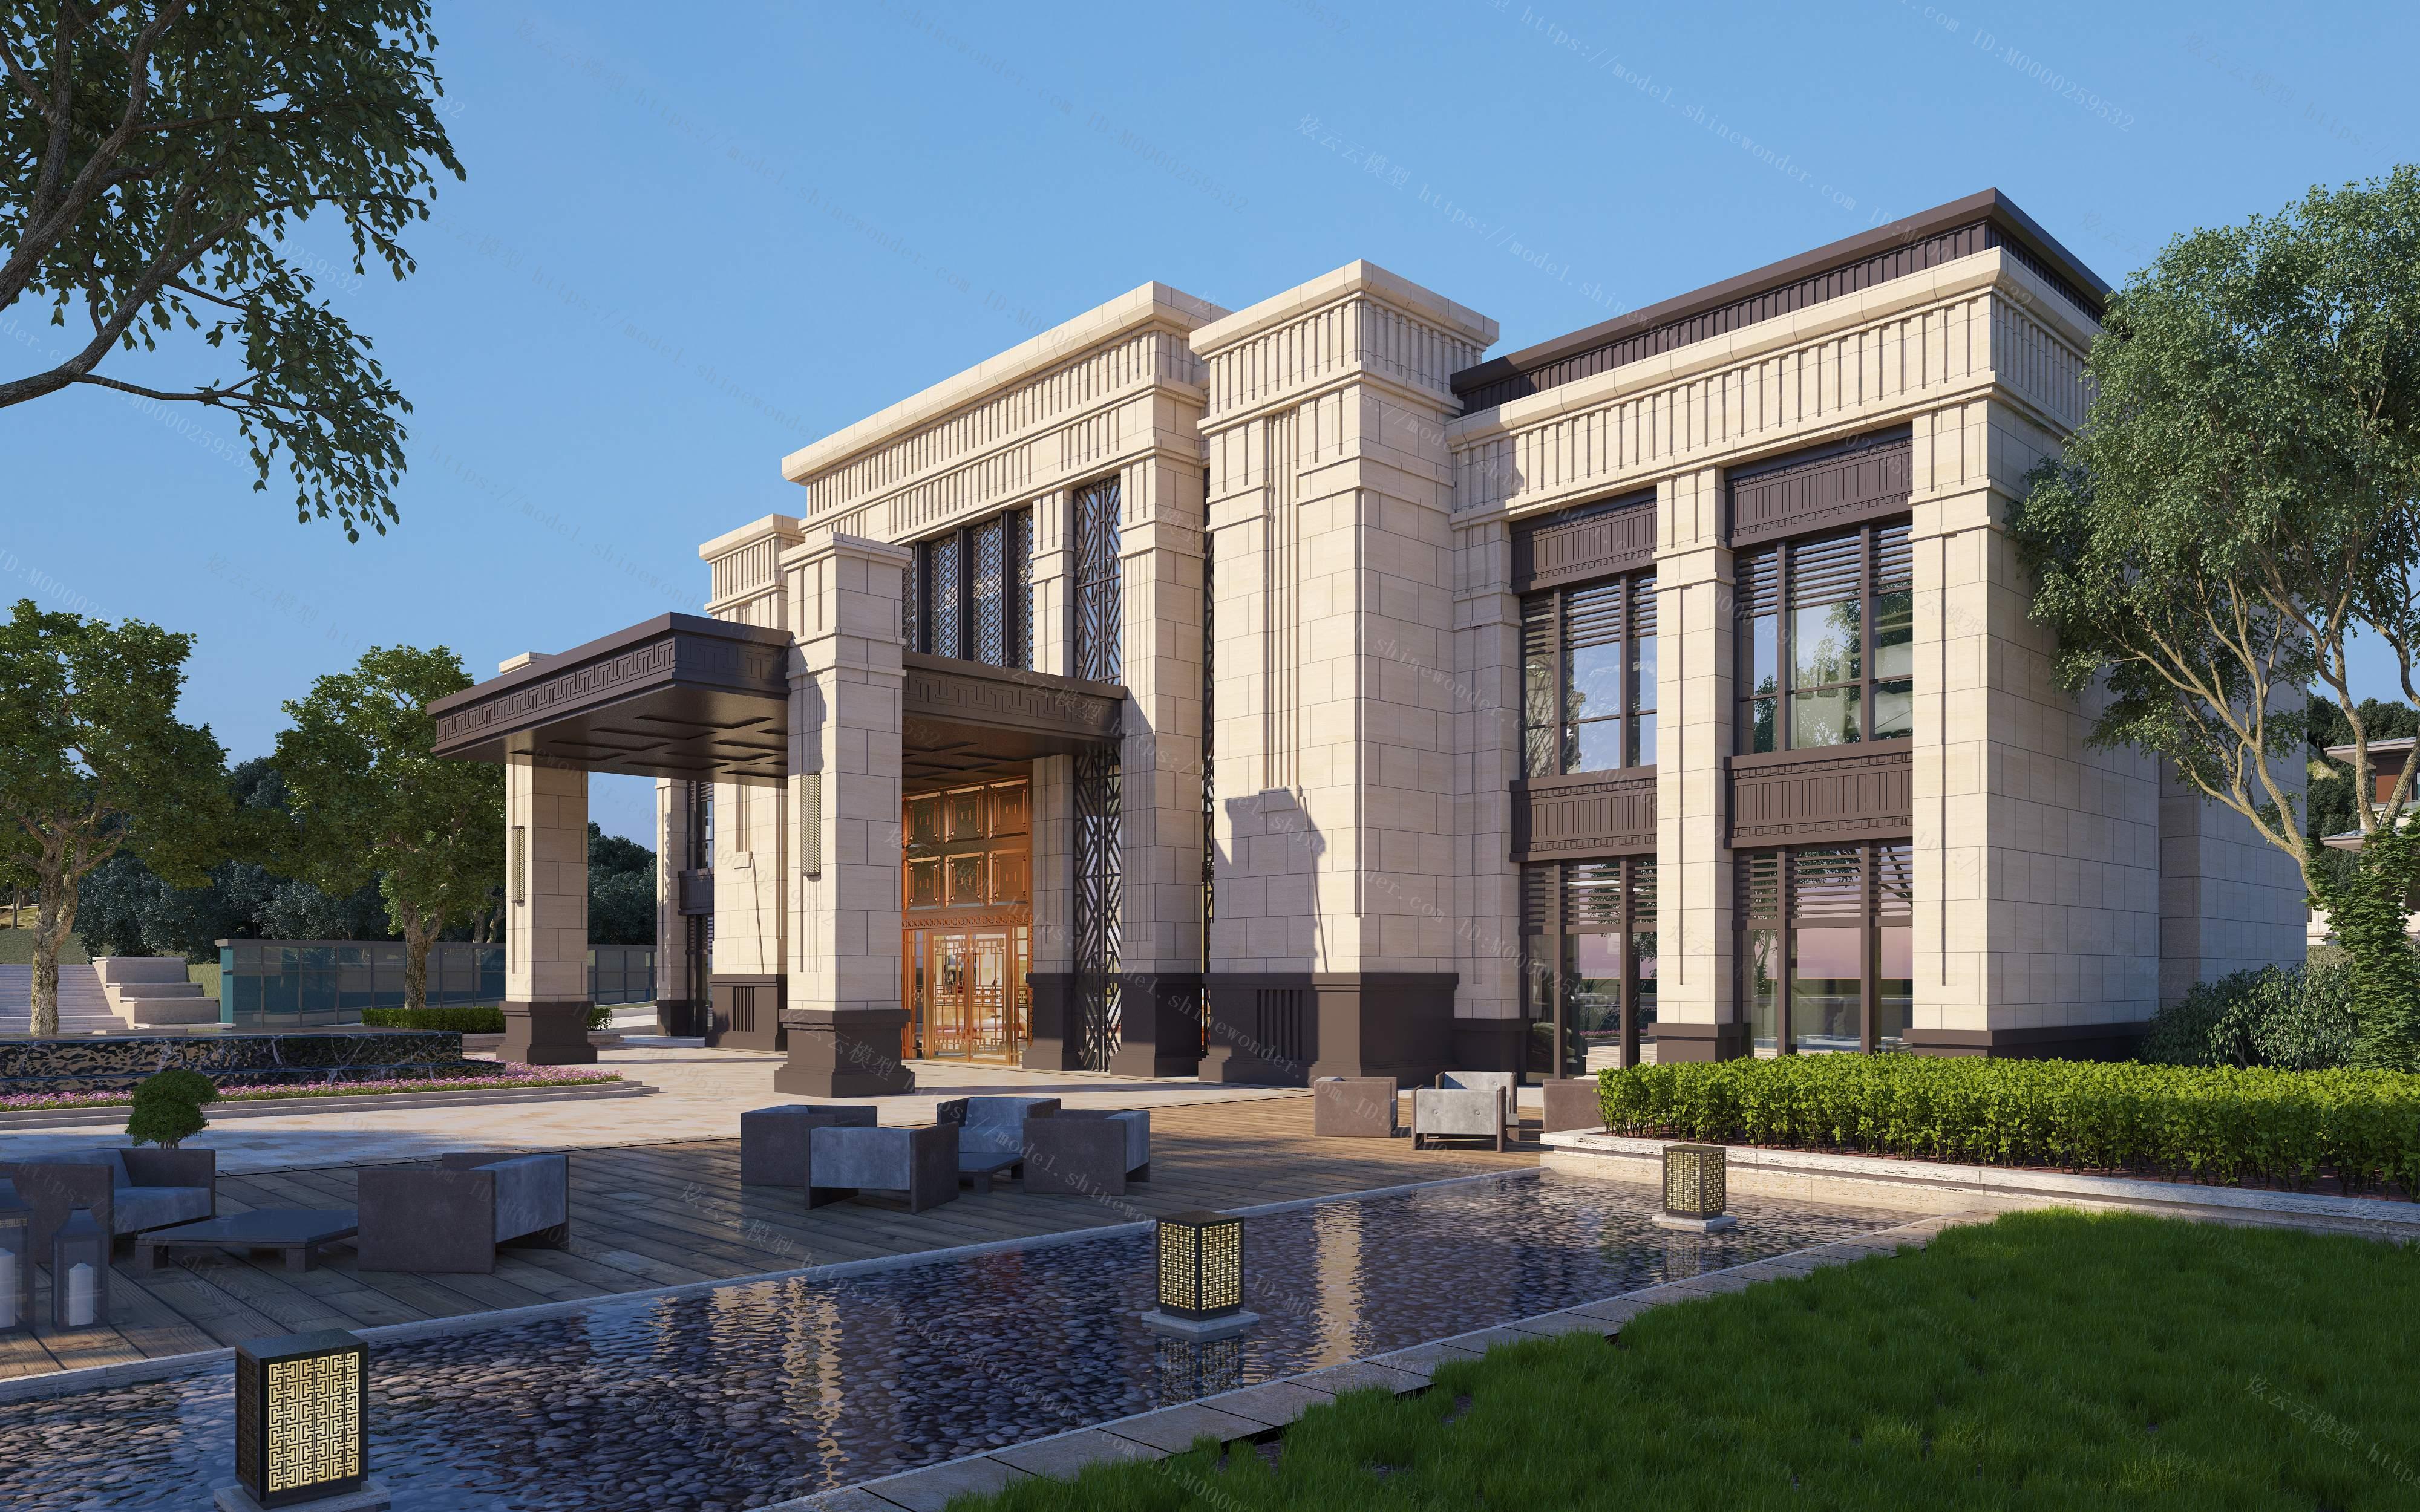 售楼部建筑外观模型